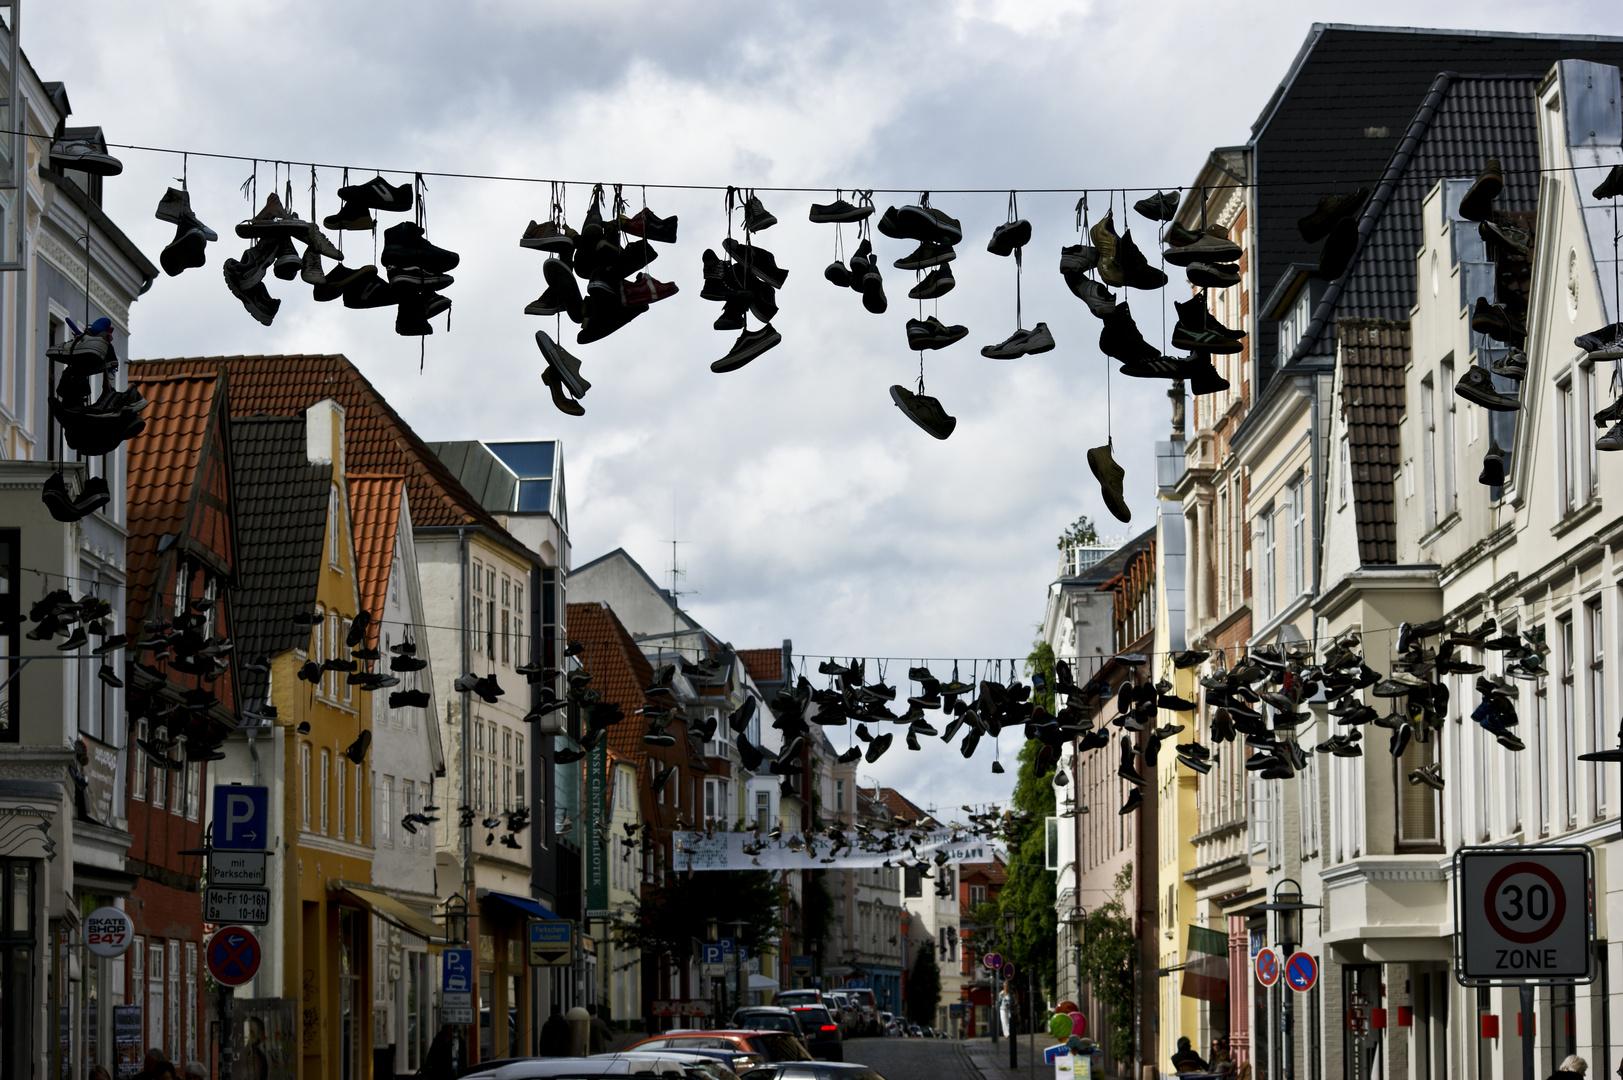 Schuhsammlung in Flensburg